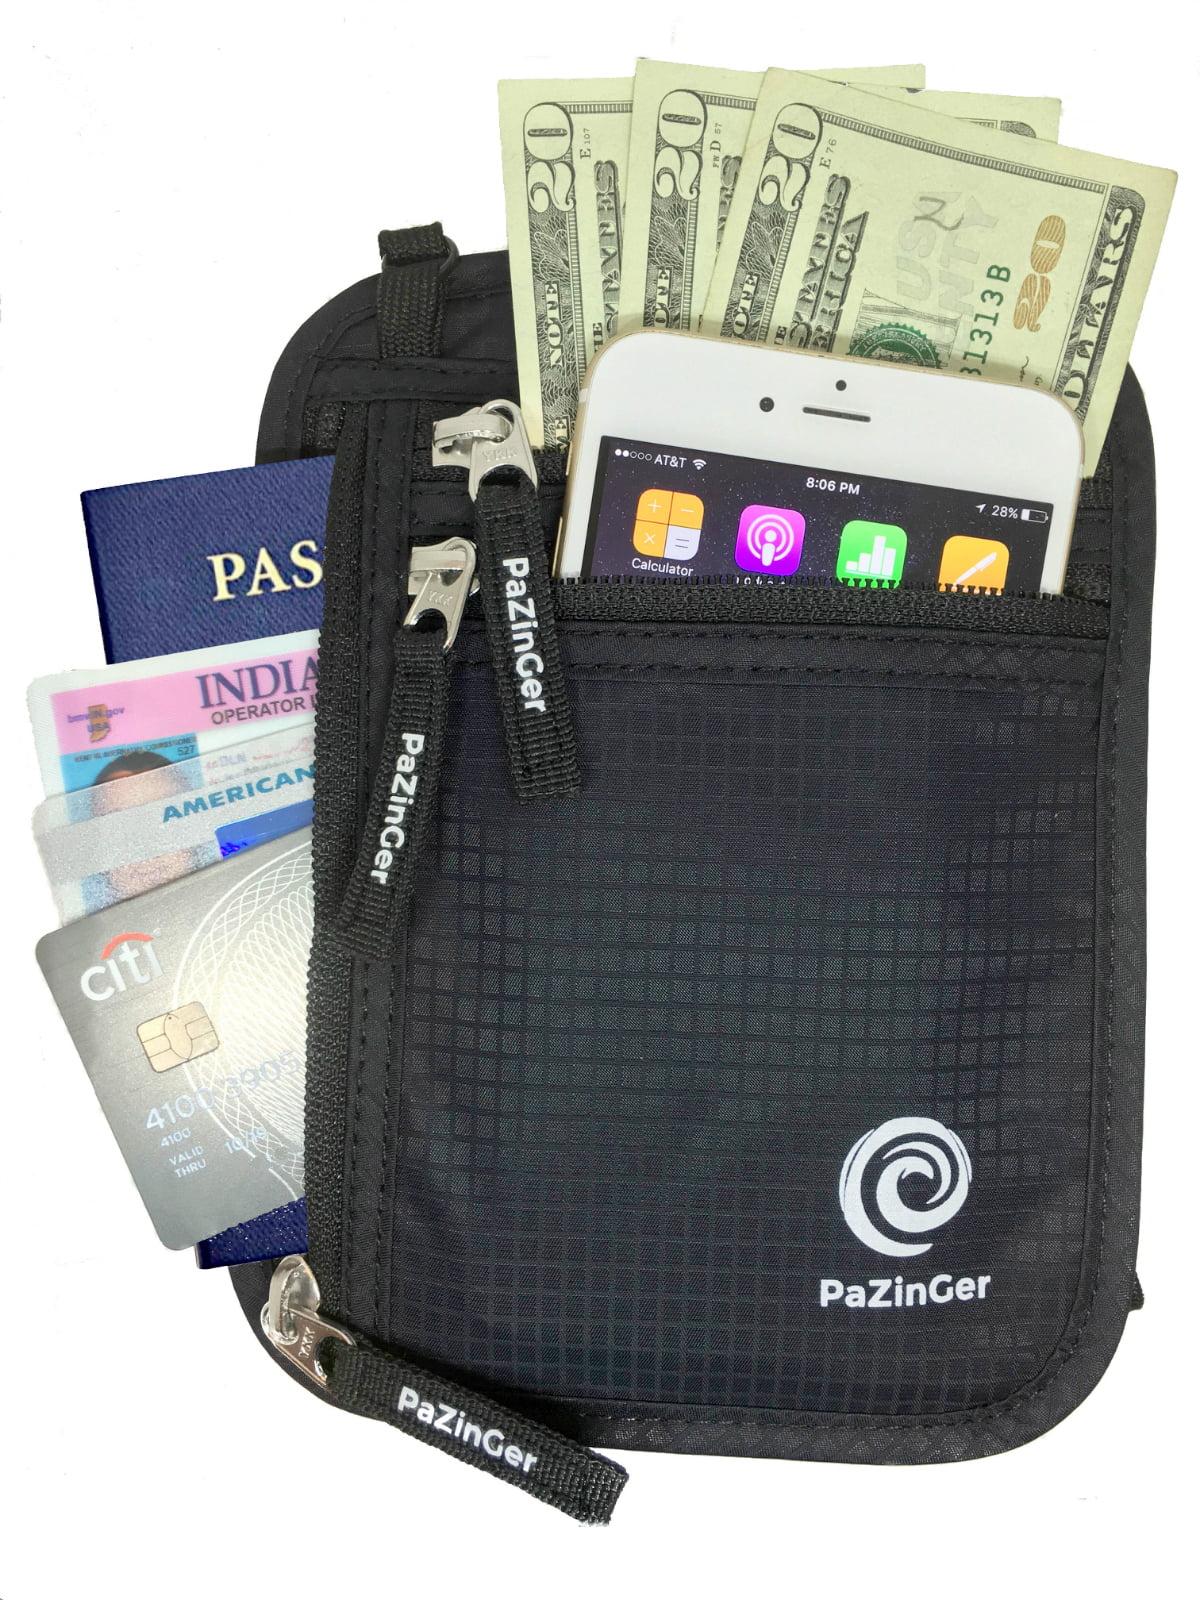 PAZINGER Neck Wallet Passport Holder & Travel Pouch w/ RFID Blocking Security